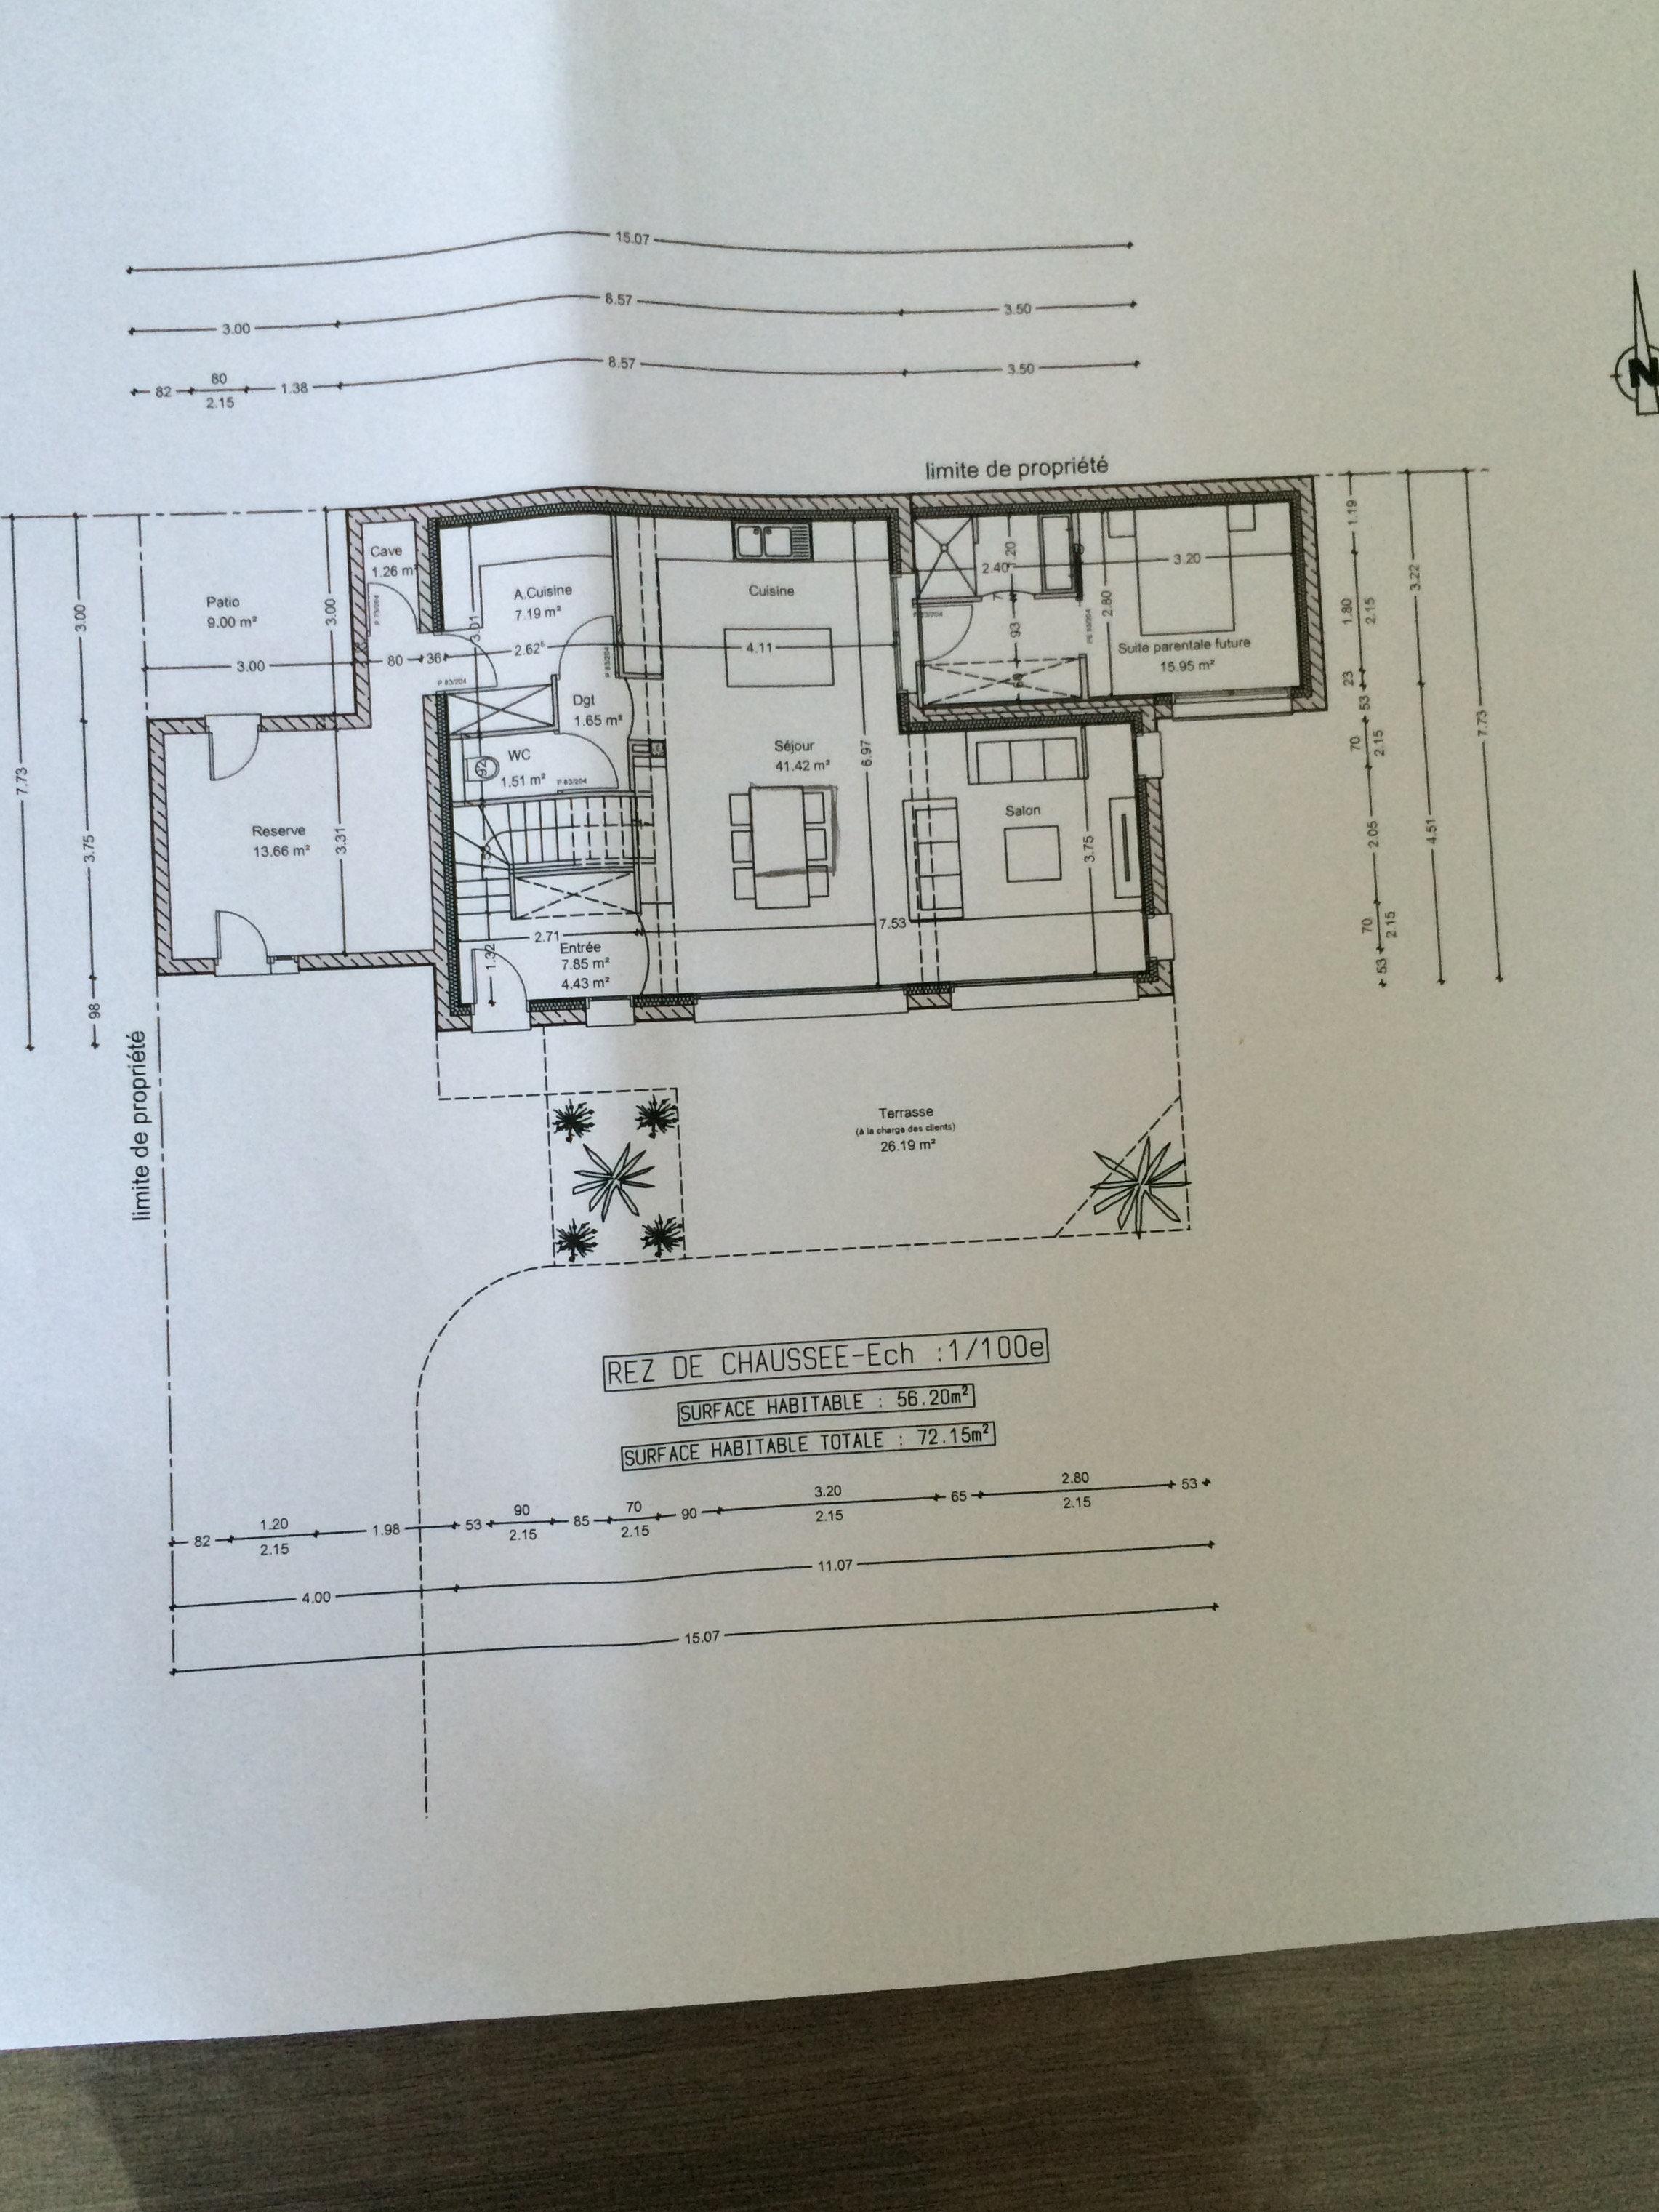 plan de maison cubique plan de maison cubique de 50 m plan maison etage 90m2 avis sur plan de. Black Bedroom Furniture Sets. Home Design Ideas